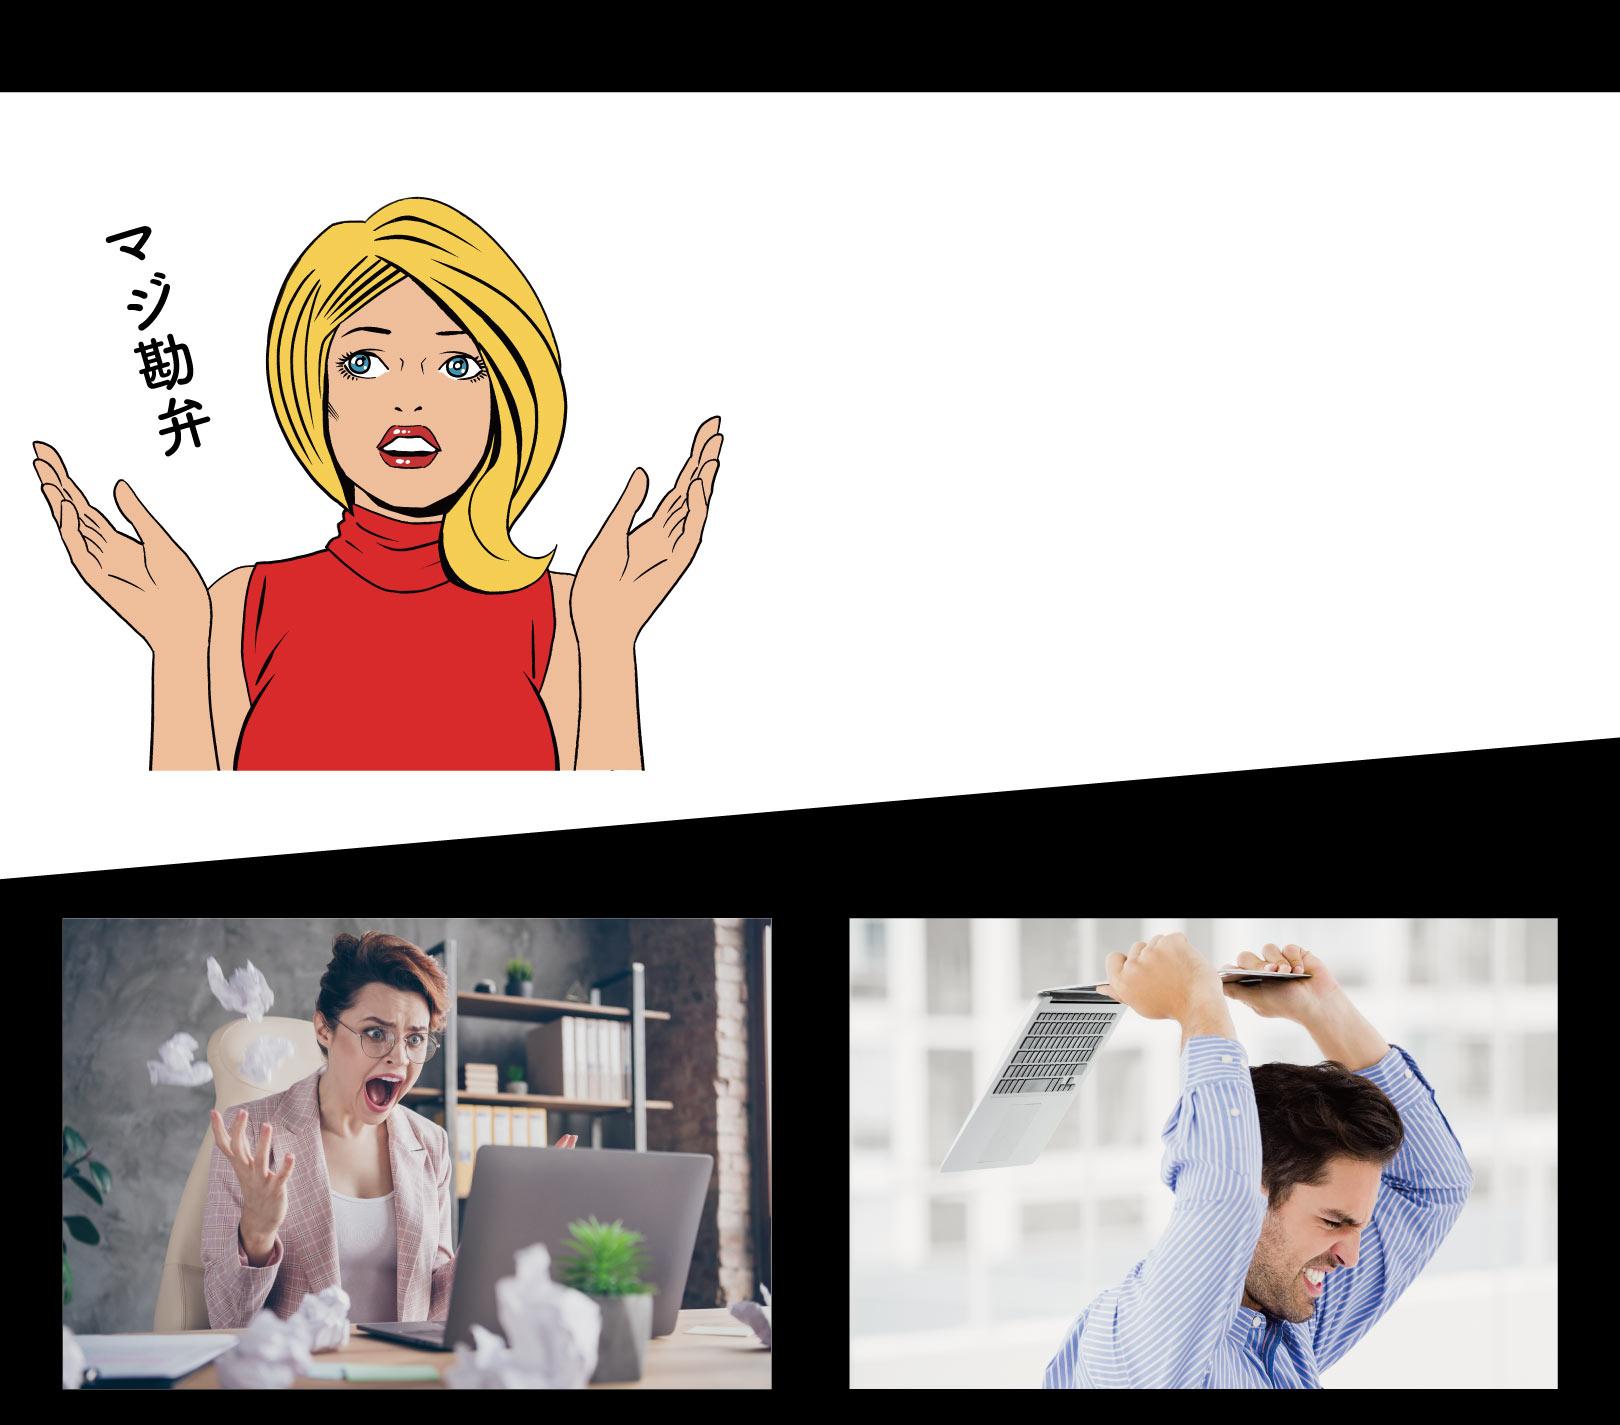 動きの鈍くなったノートパソコンにウンザリしていませんか?